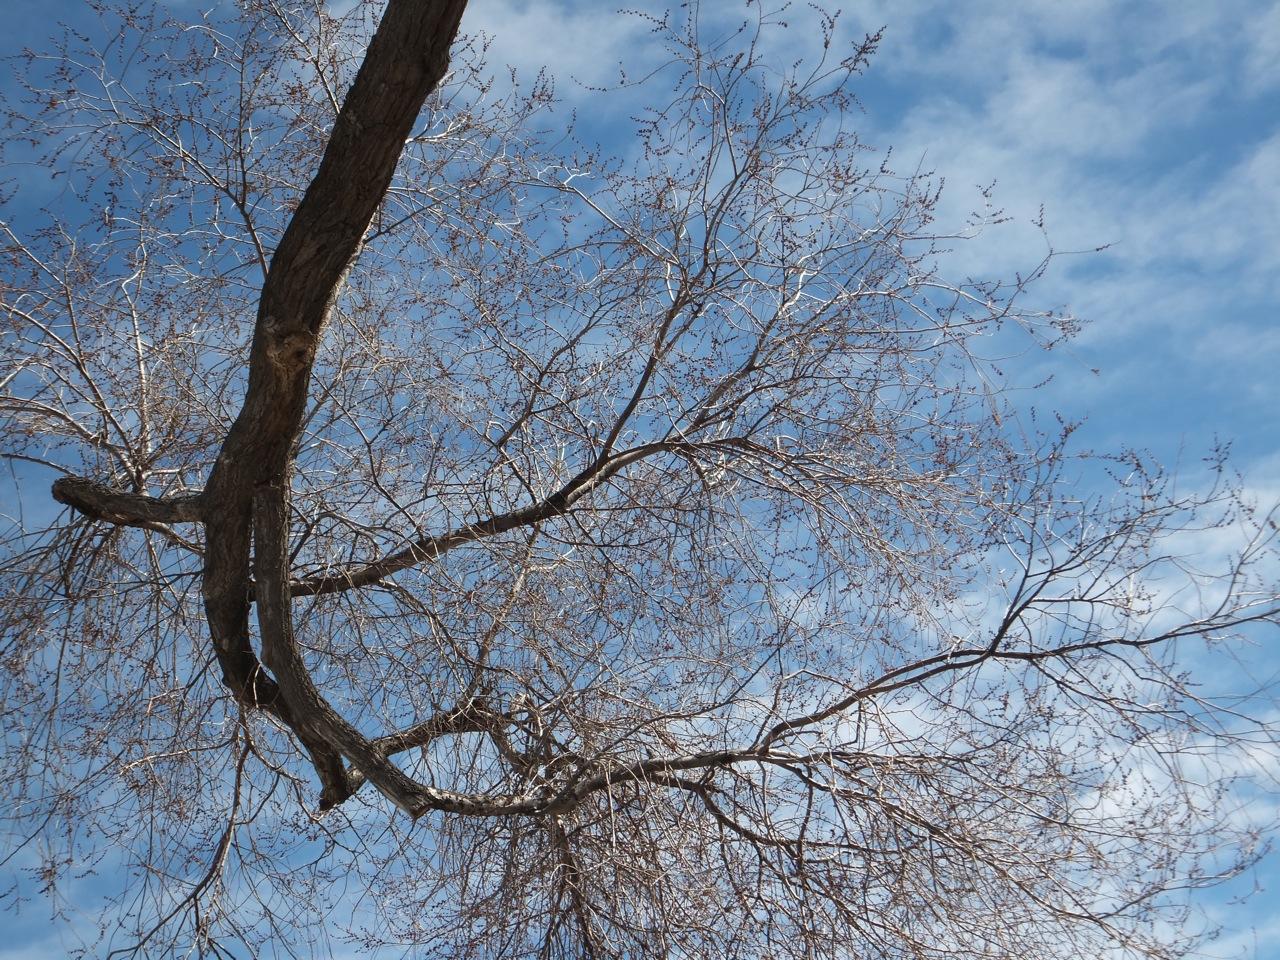 ISU Parking Lot Tree DSCF5244.jpg